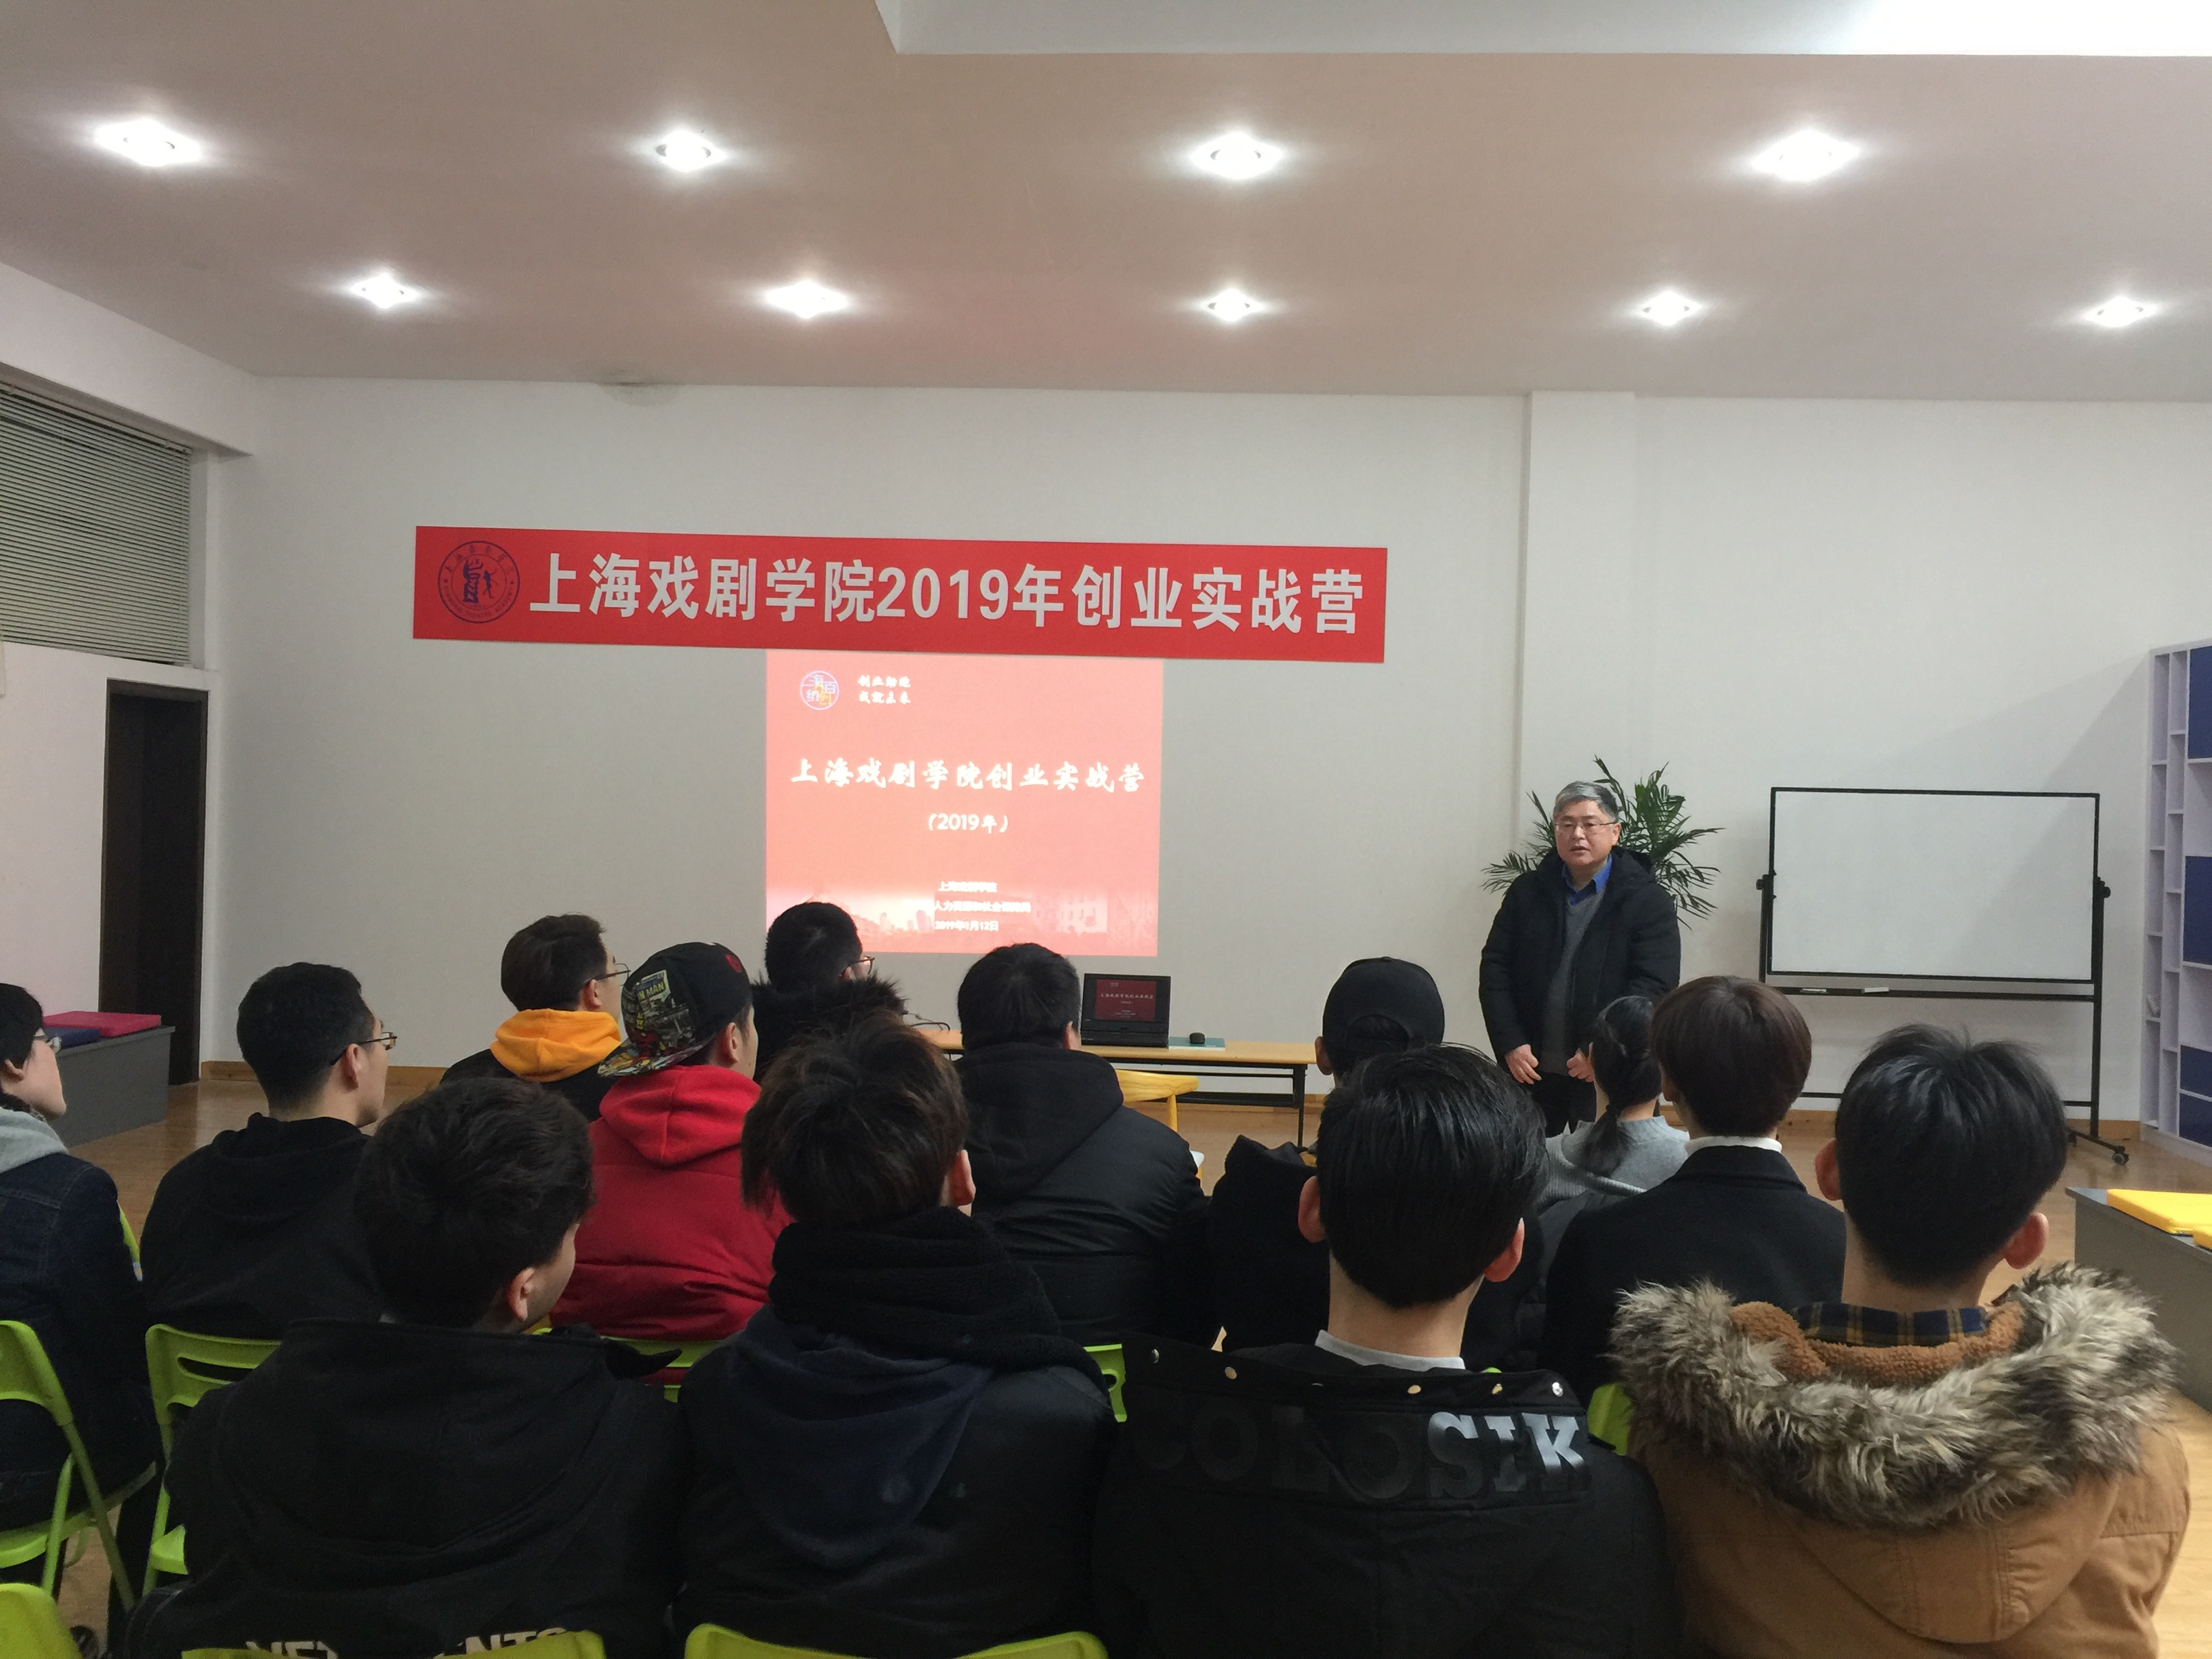 上海戏剧学院2019年创业实战营圆满落幕